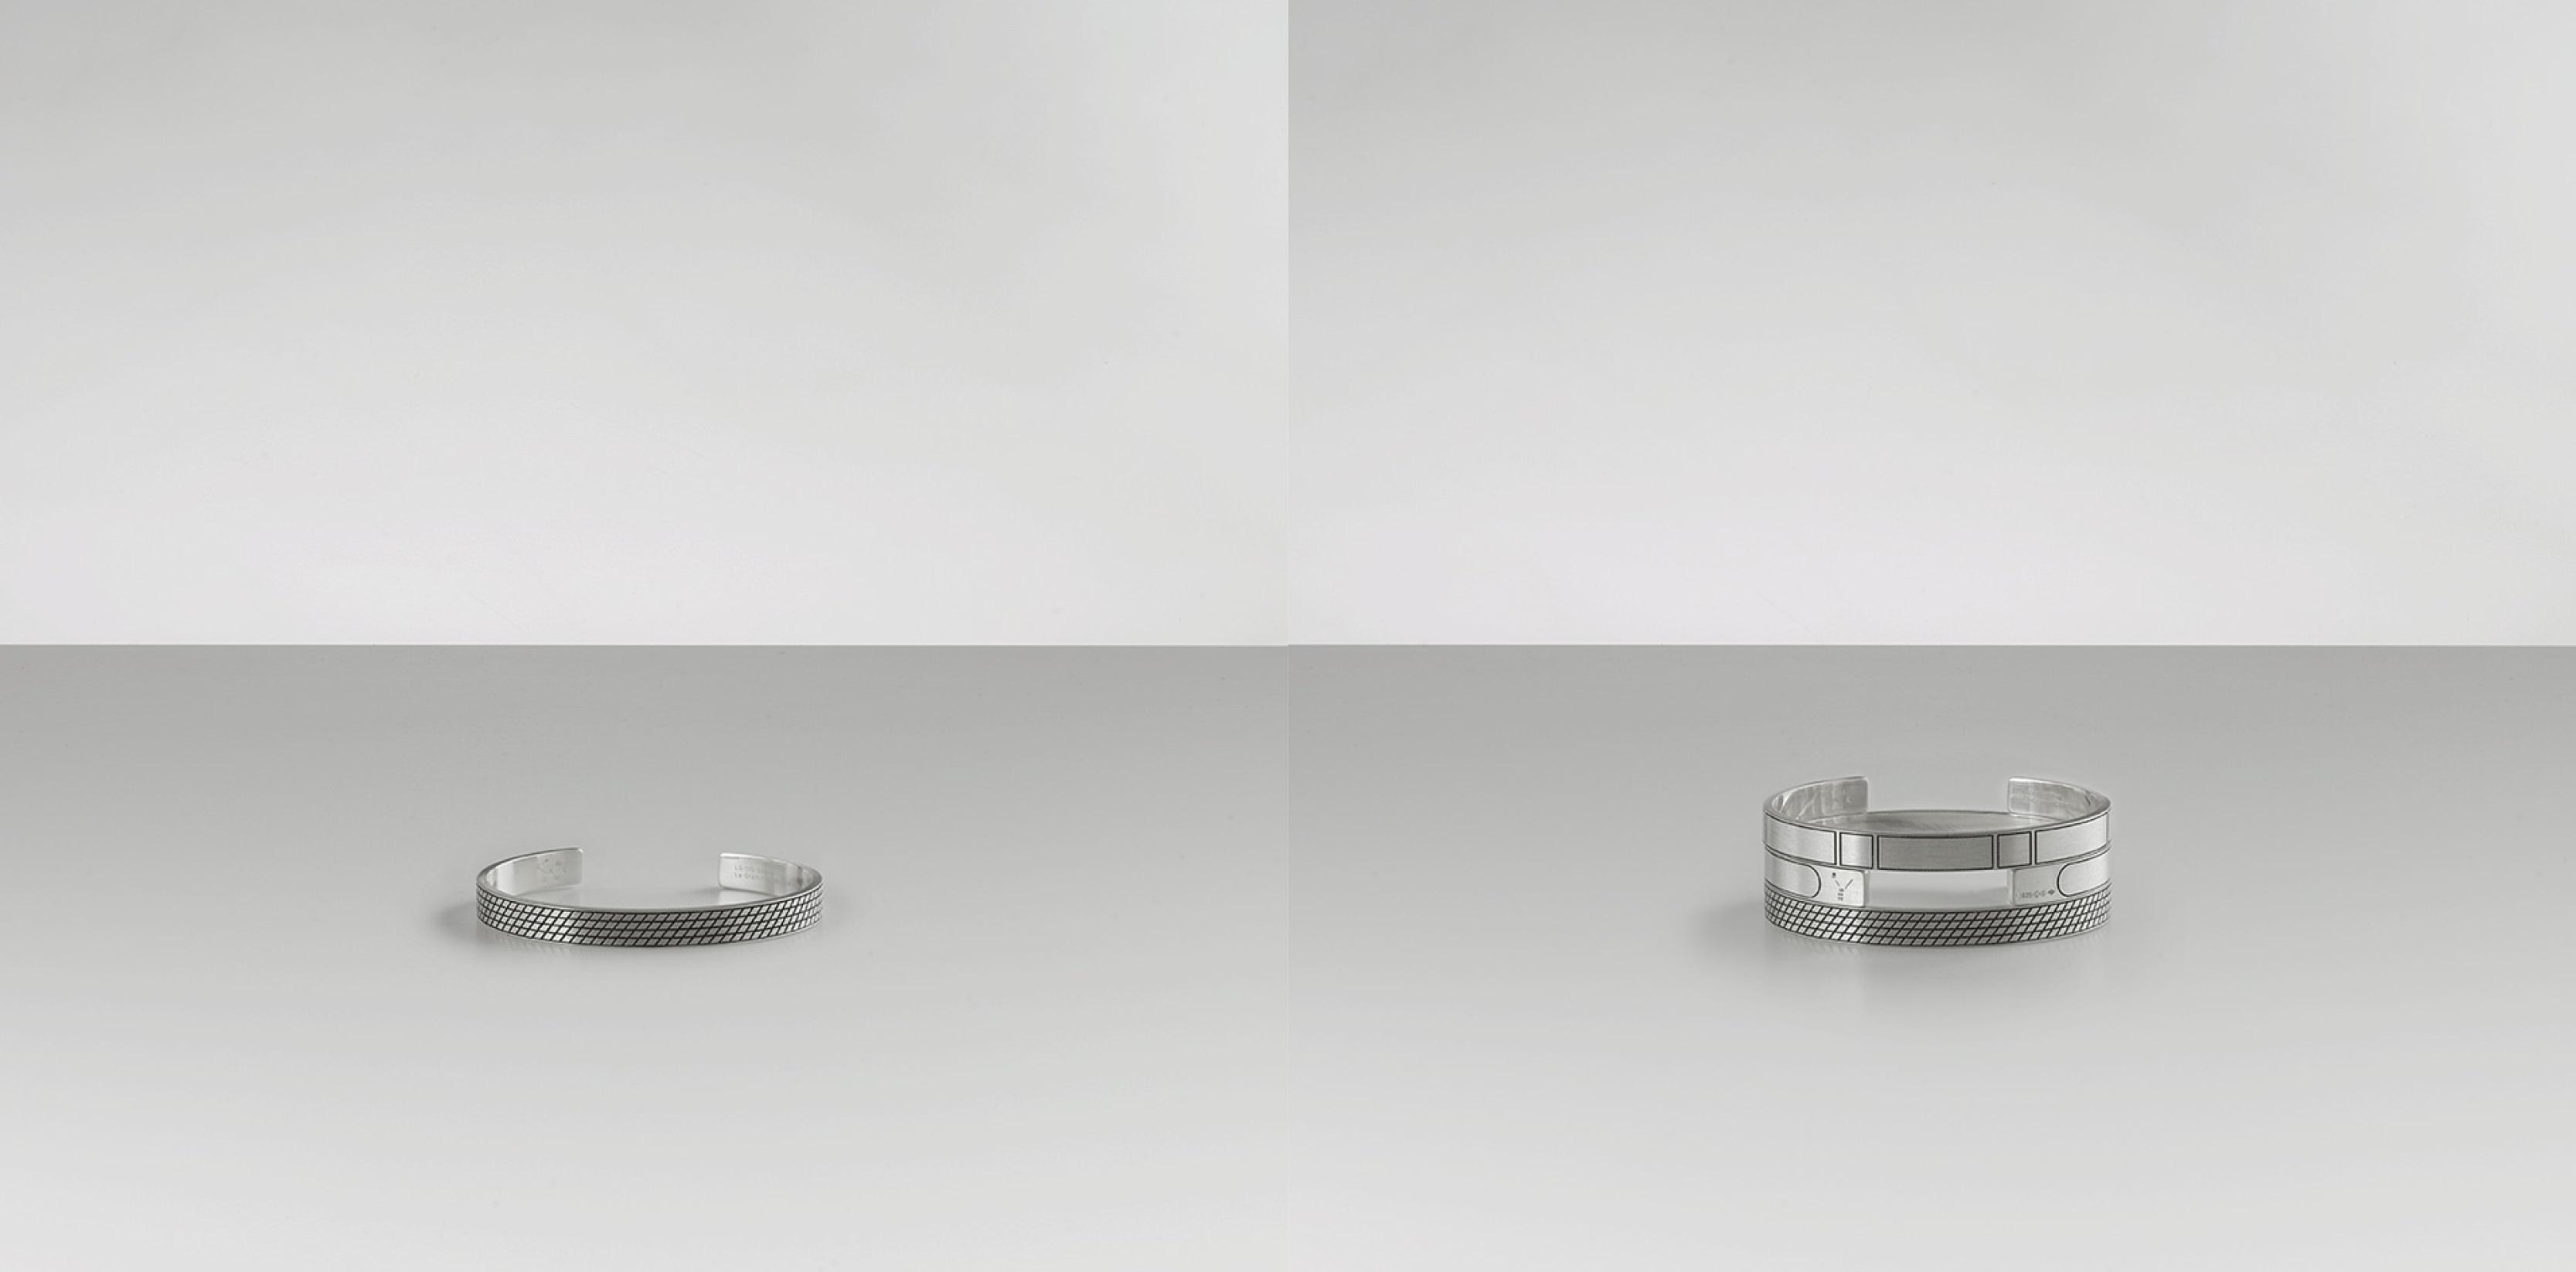 Le Gramme, collection spéciale pour Le Bon Marché  Comment avez-vous développé votre marque, tant sur le plan créatif que sur le plan commercial? Nous avons d'abord décliné une version de bracelet en argent poli à l'extérieur et brossé à l'intérieur. Puis en argent noir (fruit d'un traitement galvanique), puis en or 18 carats, jaune et rouge. En 2015, nous avons élaboré une forme d'anneau aussi élémentaire que celle du bracelet. Nous avons également développé différentes textures, le guillochage en pyramide, et le guillochage horizontal. À l'occasion de la fête des Pères, nous lançons au Bon Marché les modèles gravés. Mais ce qui est véritablement passionnant, c'est de voir la façon dont nos clients s'approprient nos pièces: en les combinant, ils créent des motifs et des configurations qui leur sont propres. À l'avenir, nous envisageons d'étendre notre démarche à d'autres univers afin de construire une vraie marque lifestyle, en commençant par les objets servant à l'écriture, et à l'univers du voyage.  www.legramme.com Le gramme sur Instagram  Photos: ludovic Parisot